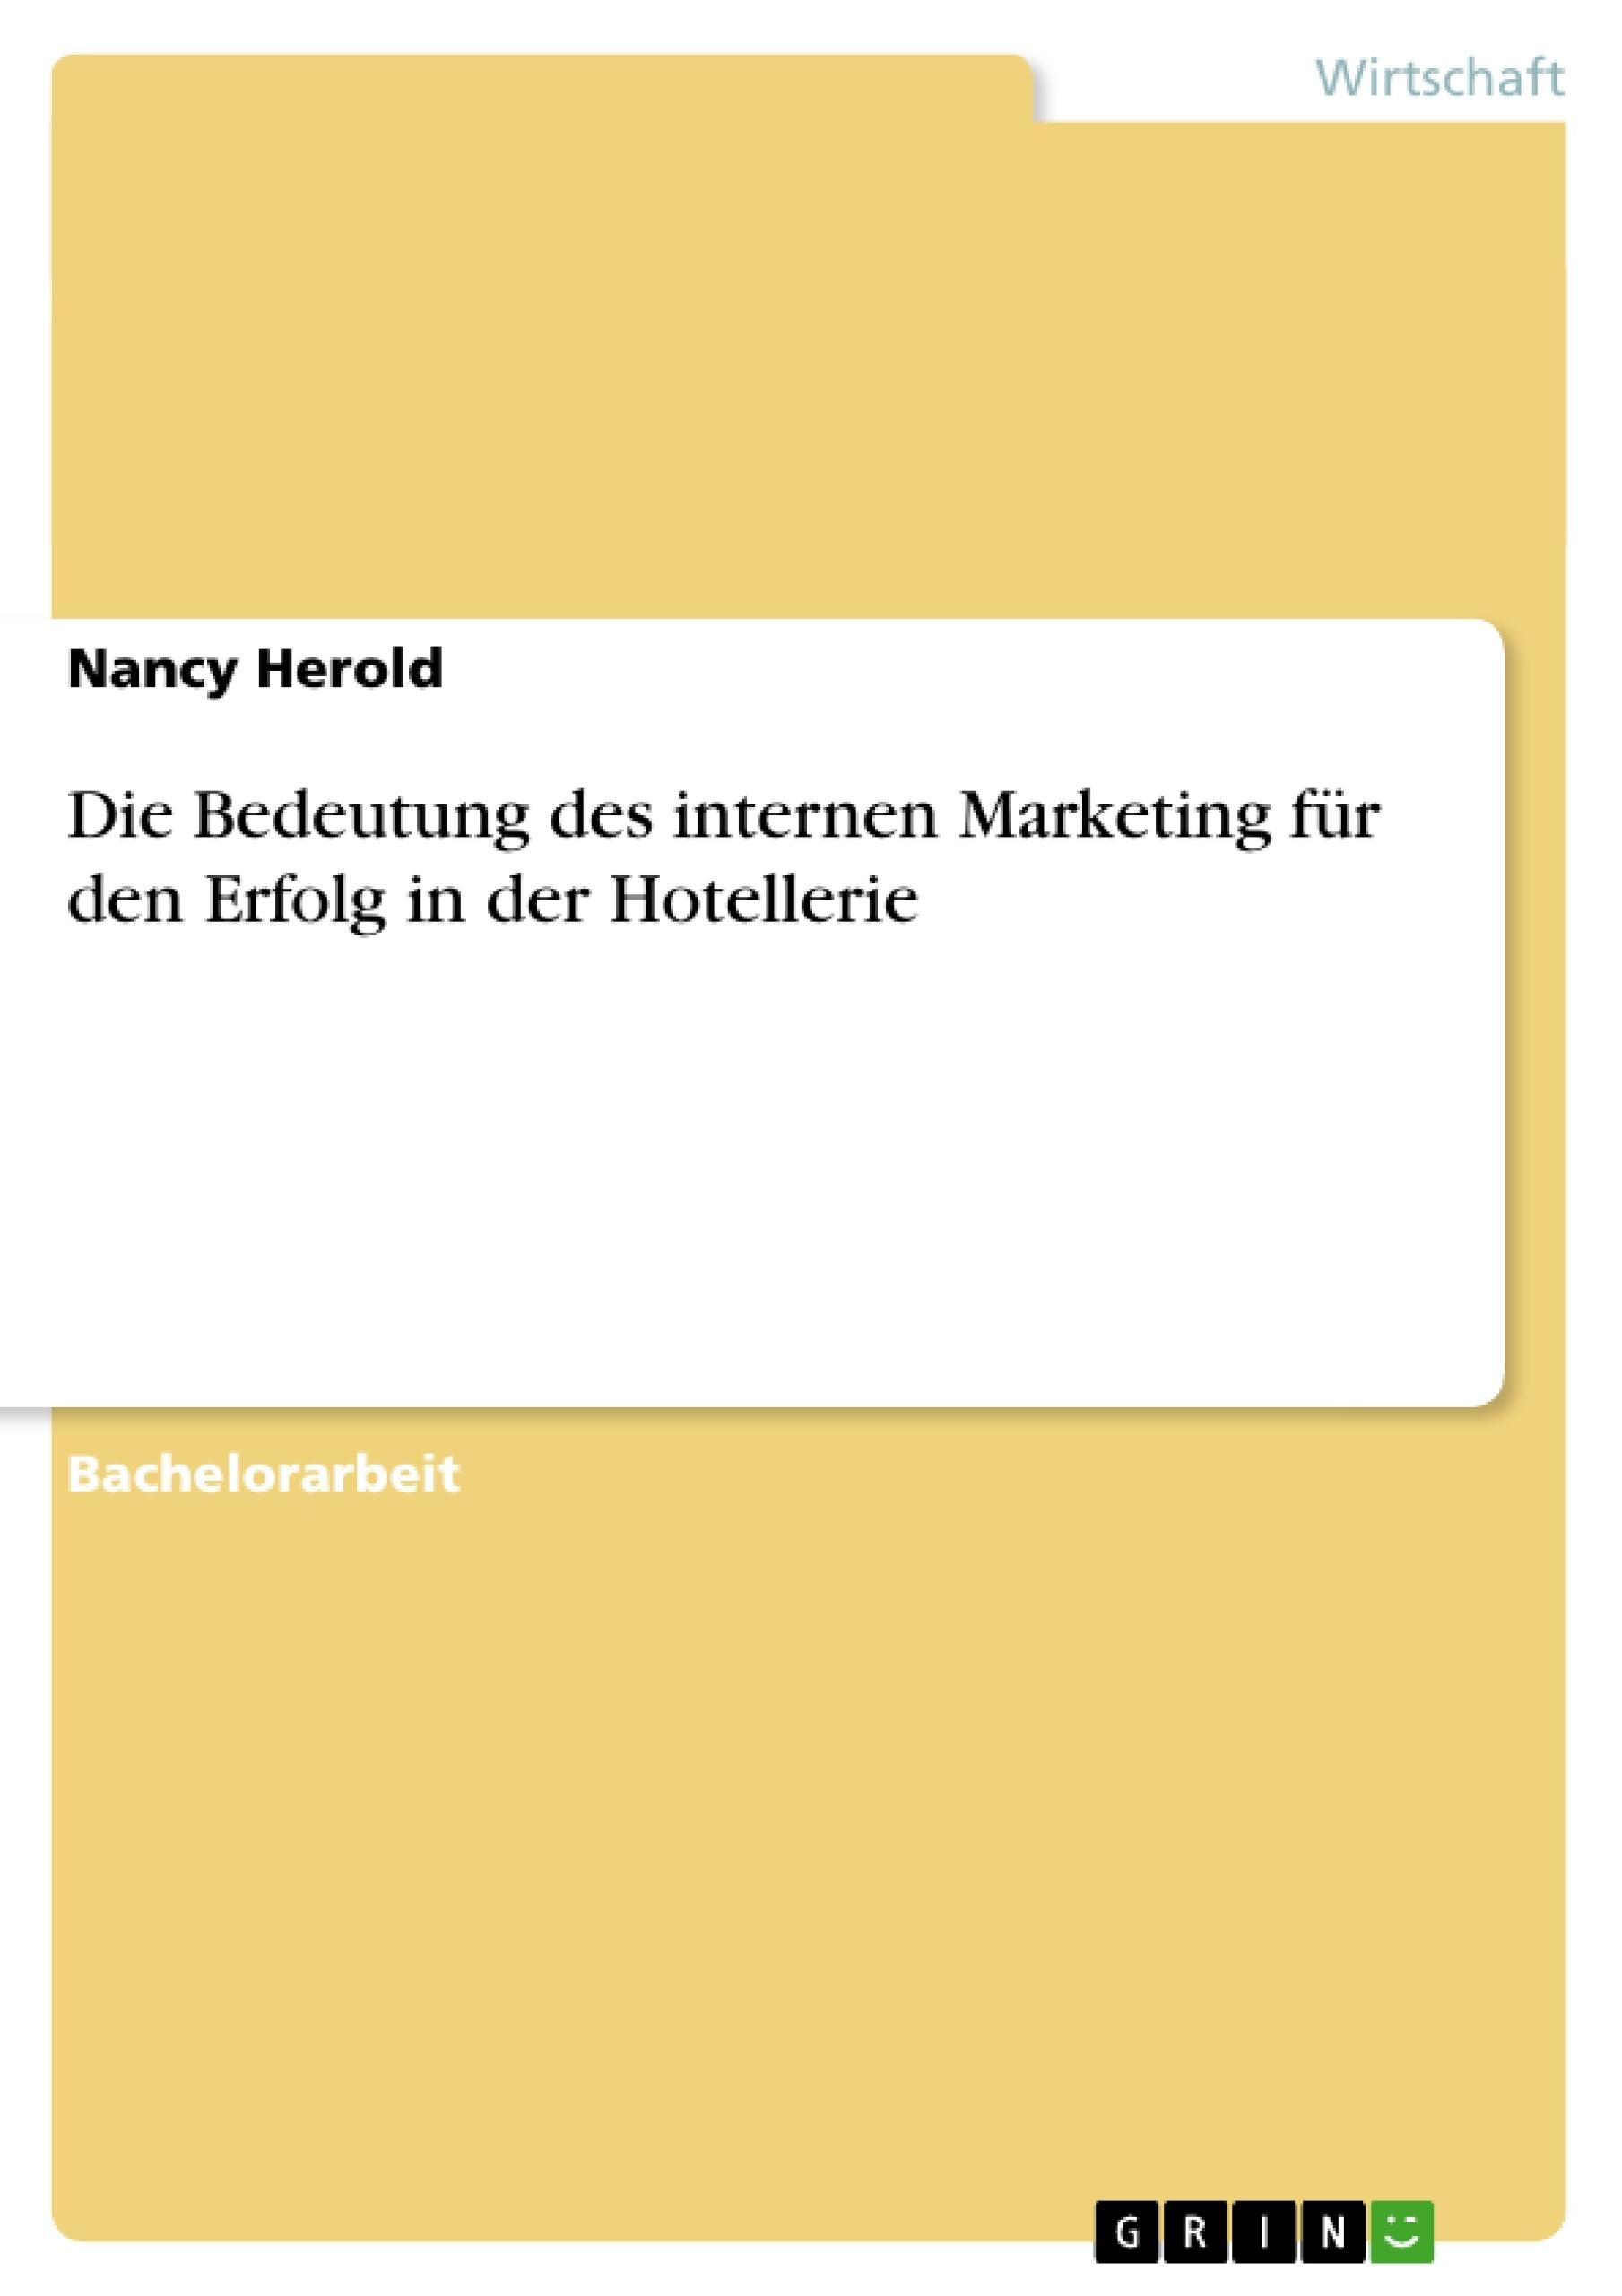 Titel: Die Bedeutung des internen Marketing für den Erfolg in der Hotellerie